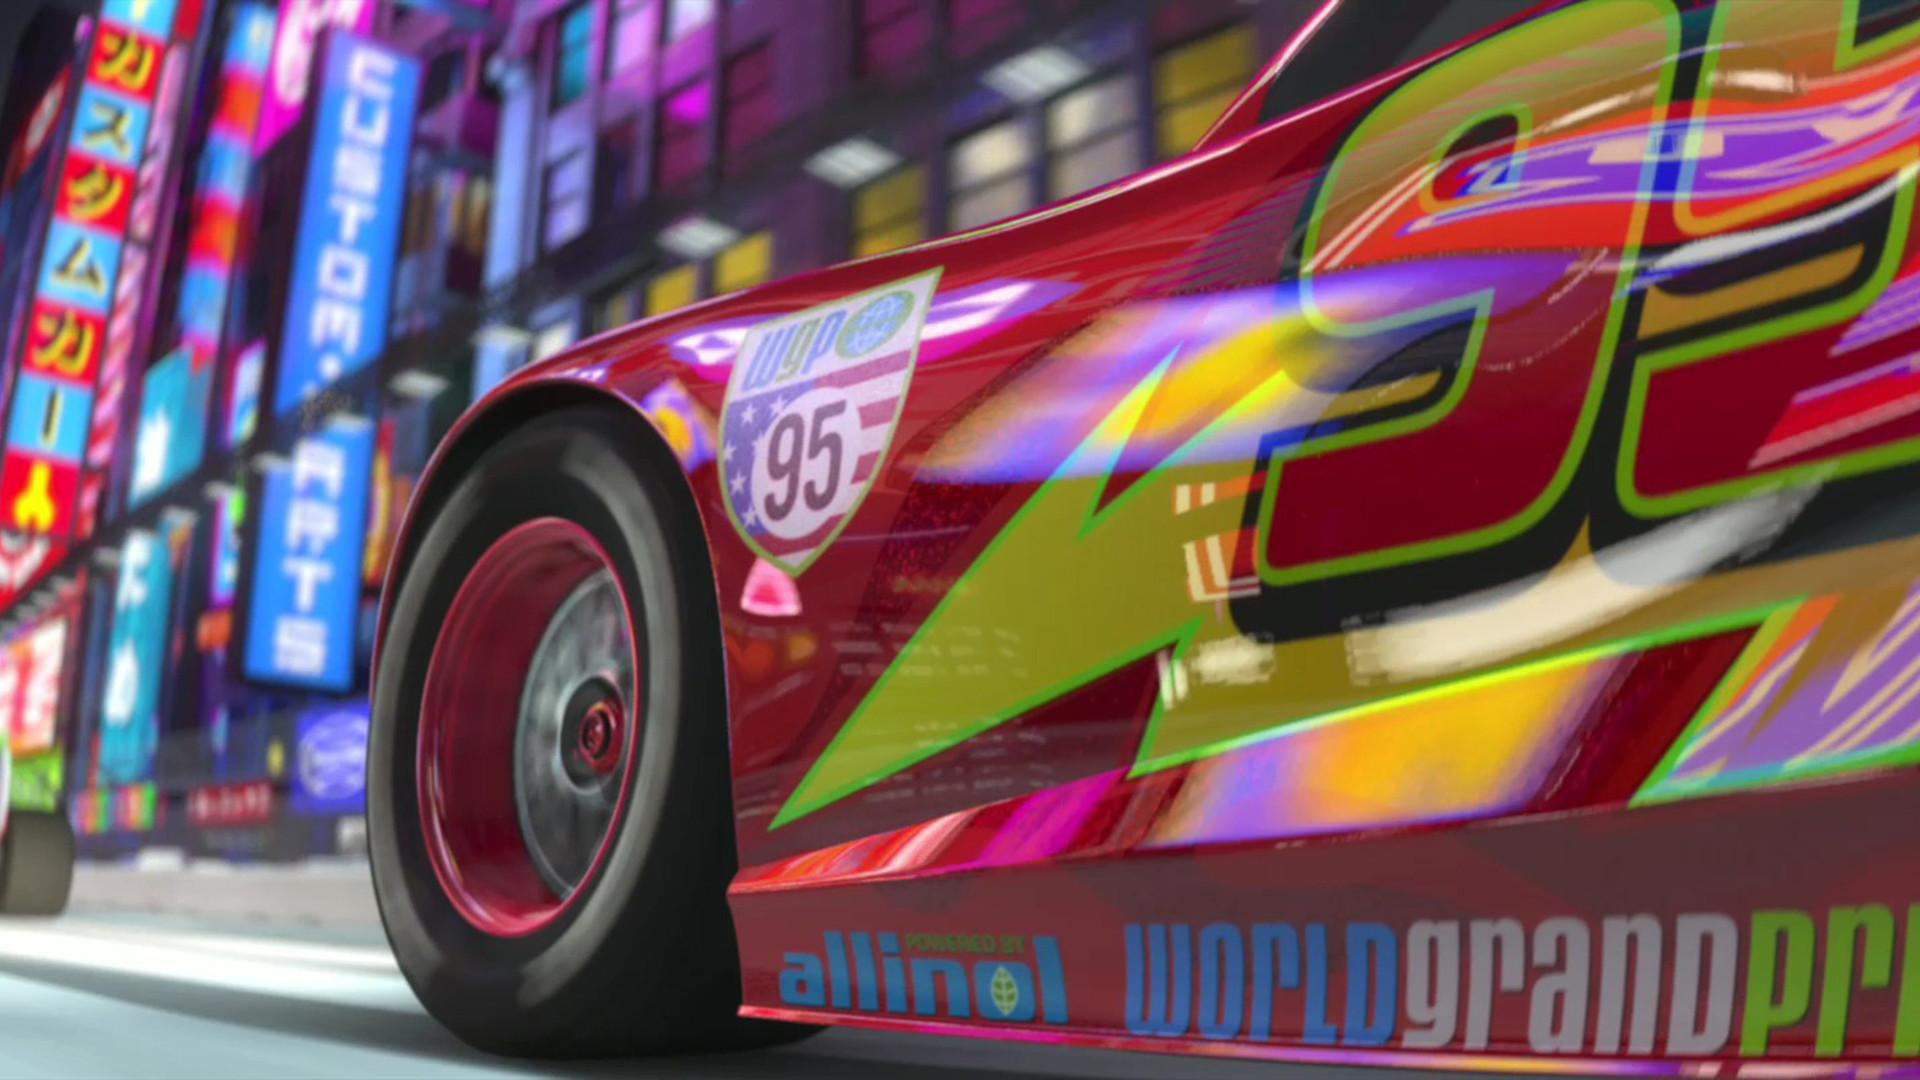 Disney Pixar Cars Mural Wallpaper Disney Cars Wallpapers 51 Images